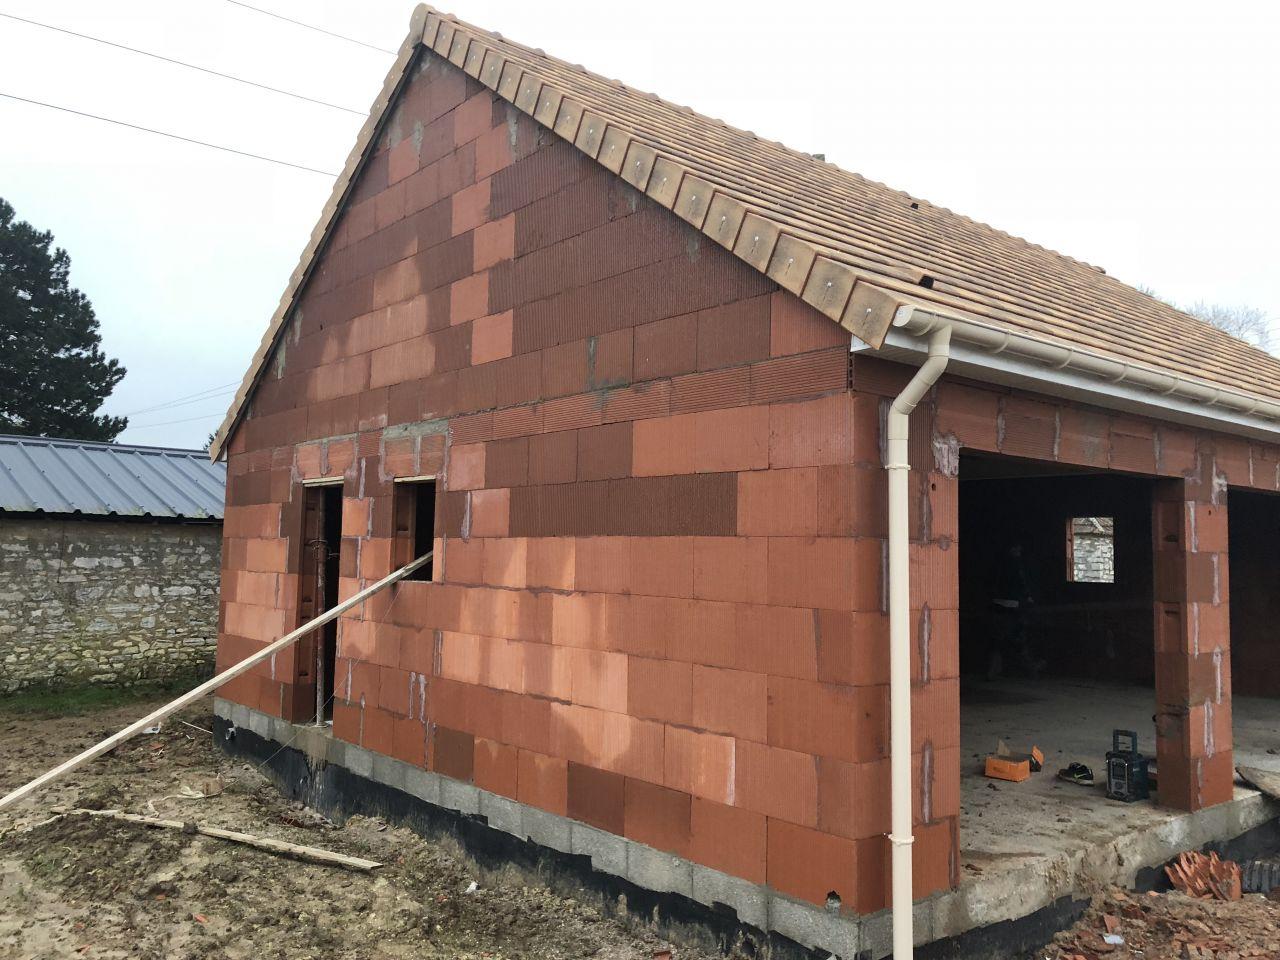 Couverture du garage terminée.